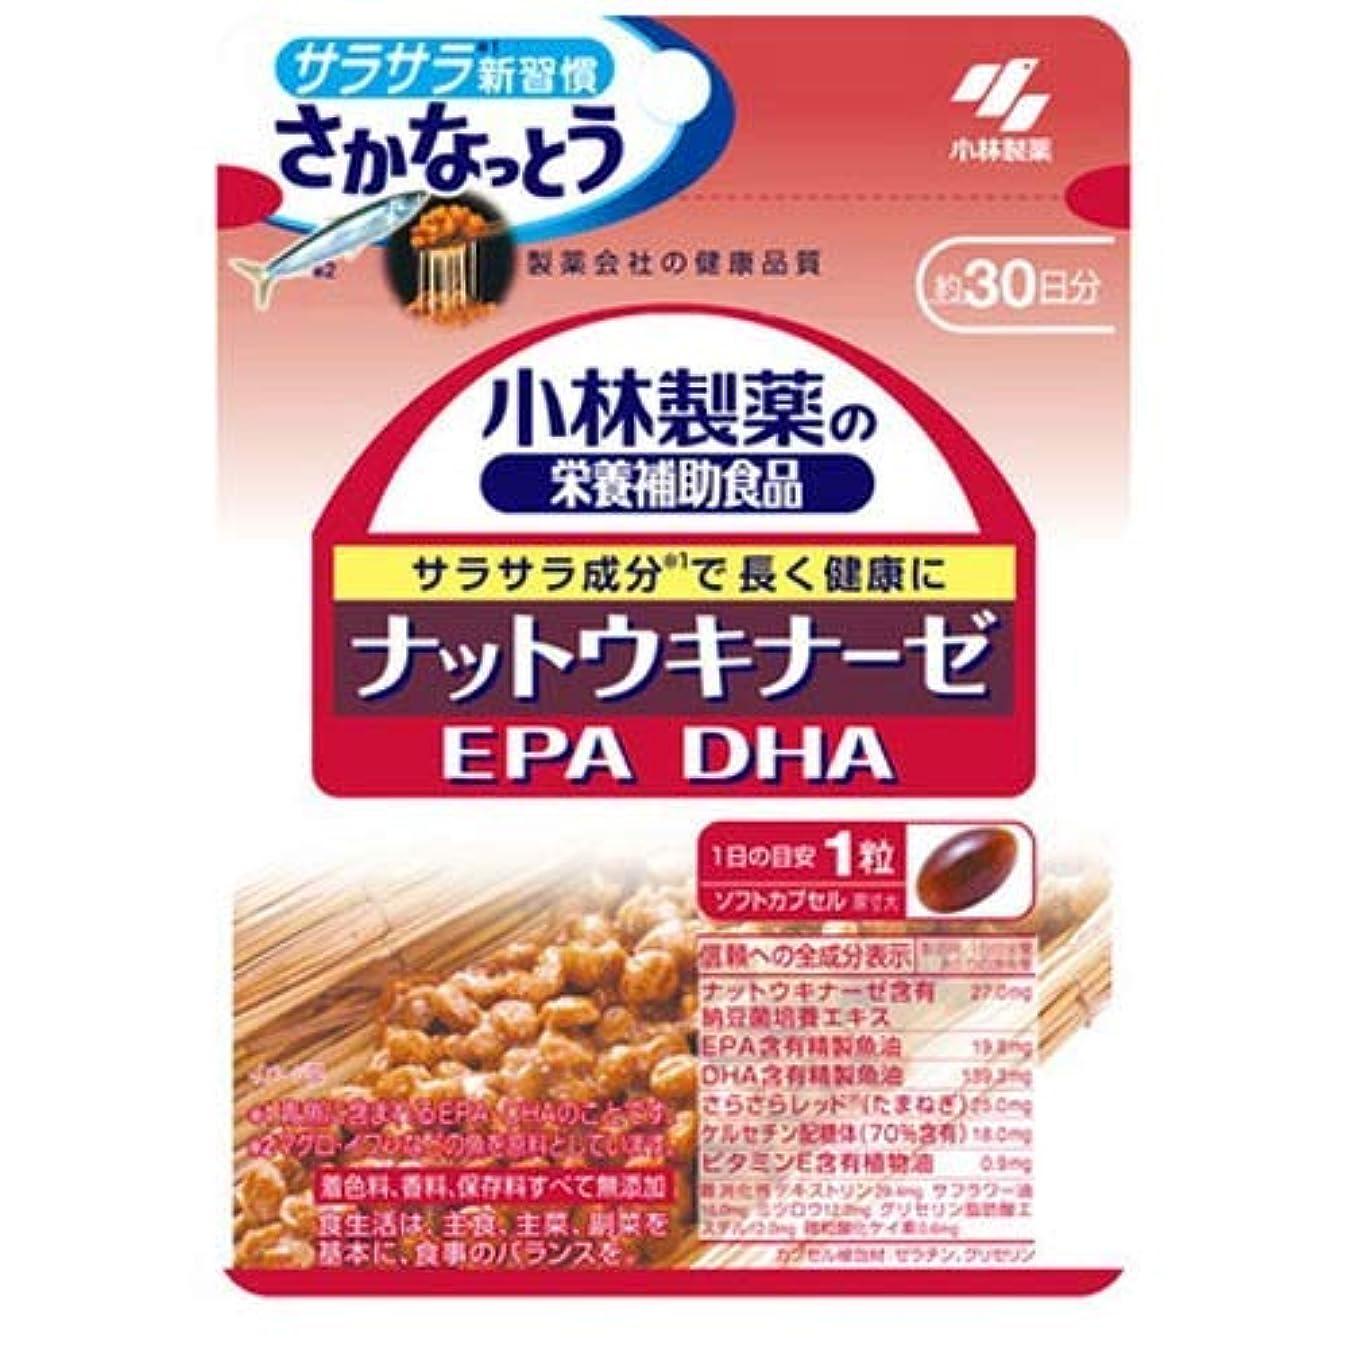 小林製薬 ナットウキナーゼ EPA/DHA 30粒 [メール便対応商品]